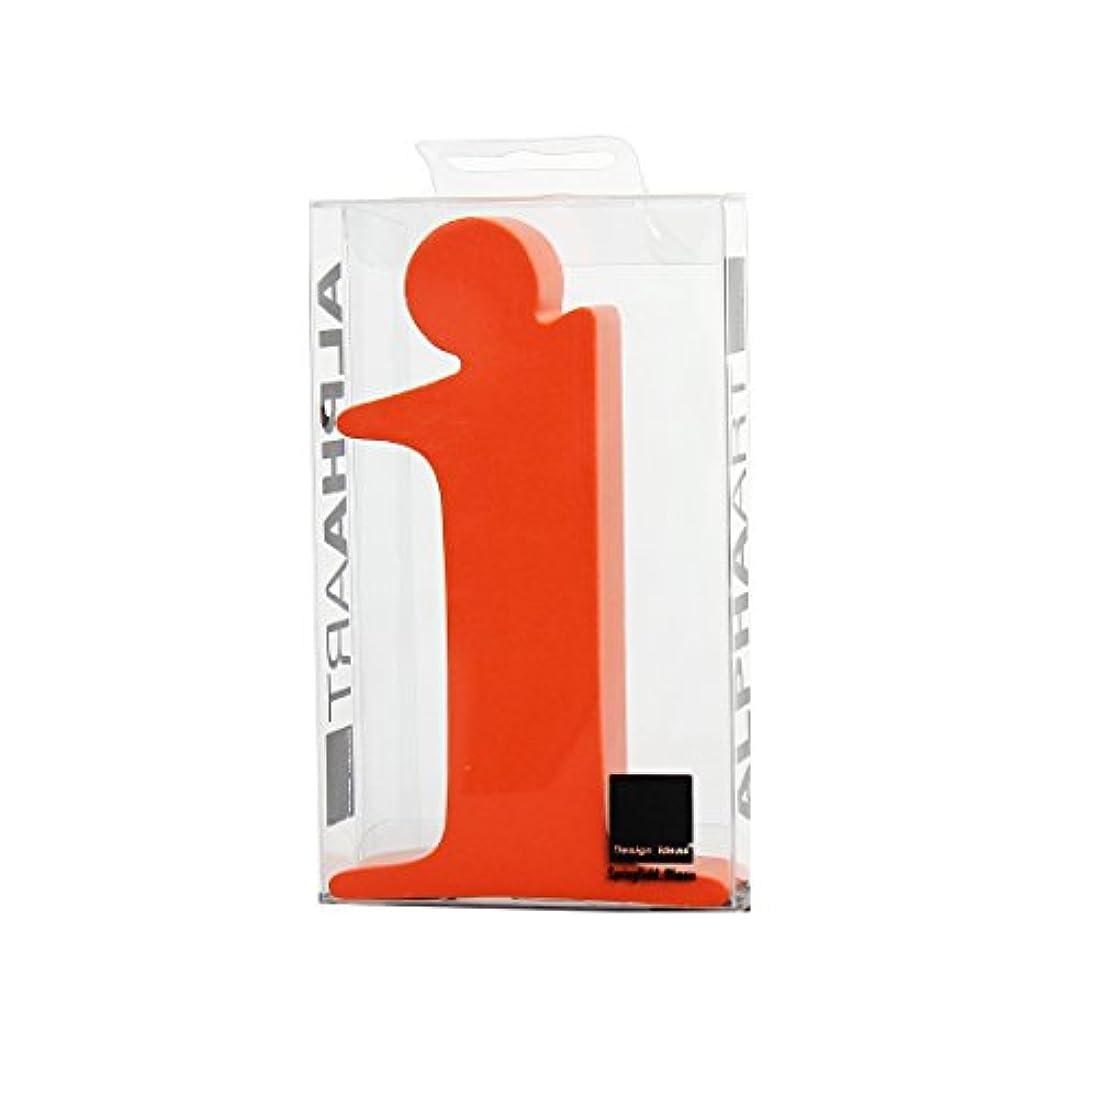 ひどい準拠部分的にカメヤマキャンドルハウス アルファベットブロック カラフル  アルファアートスモールi 「 オレンジ 」